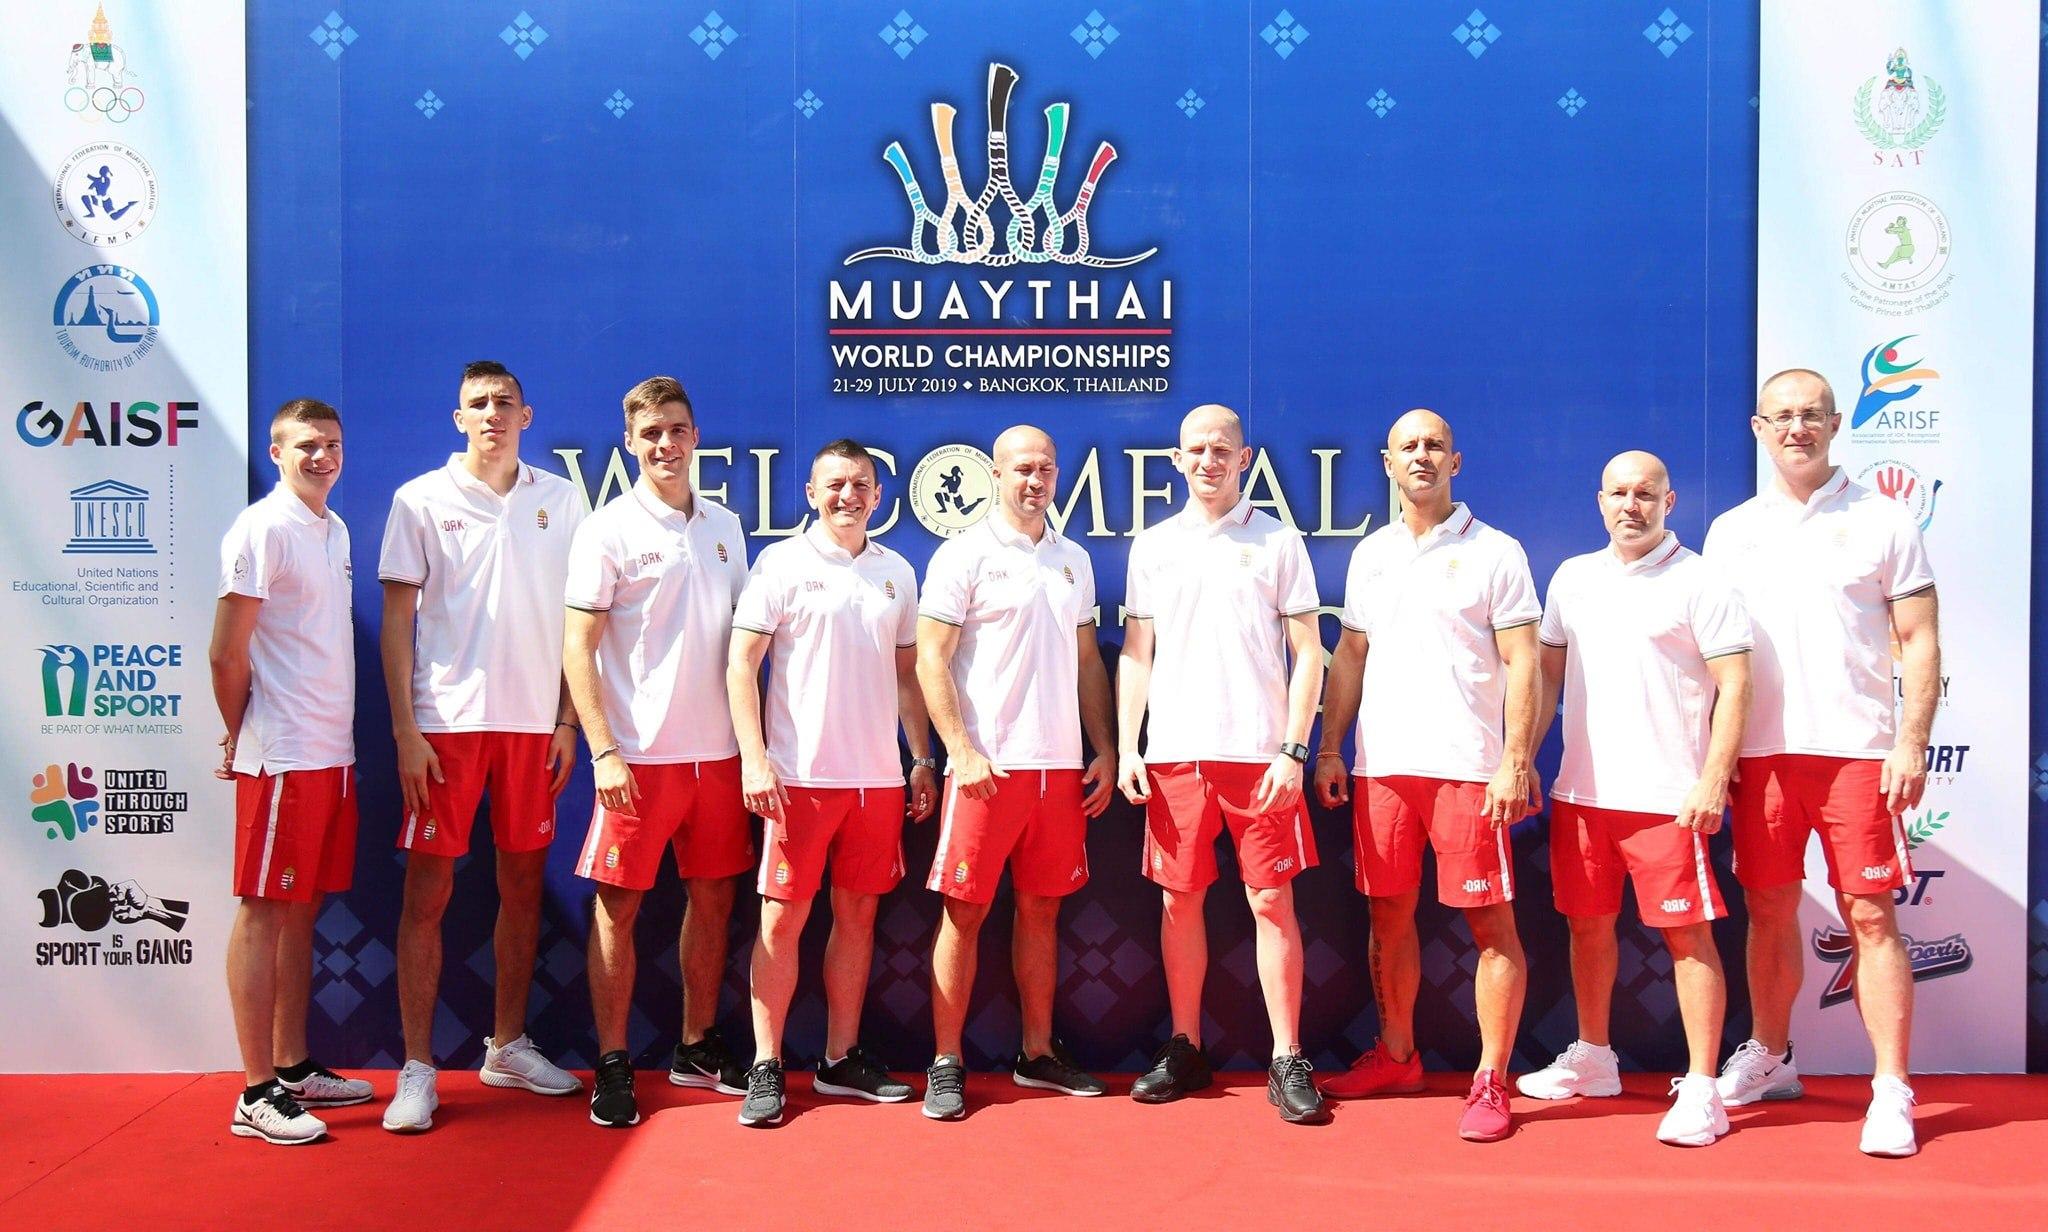 Fokuszban: Egy ezüst- és egy bronzérmet hoztunk el a muaythai világbajnokságról